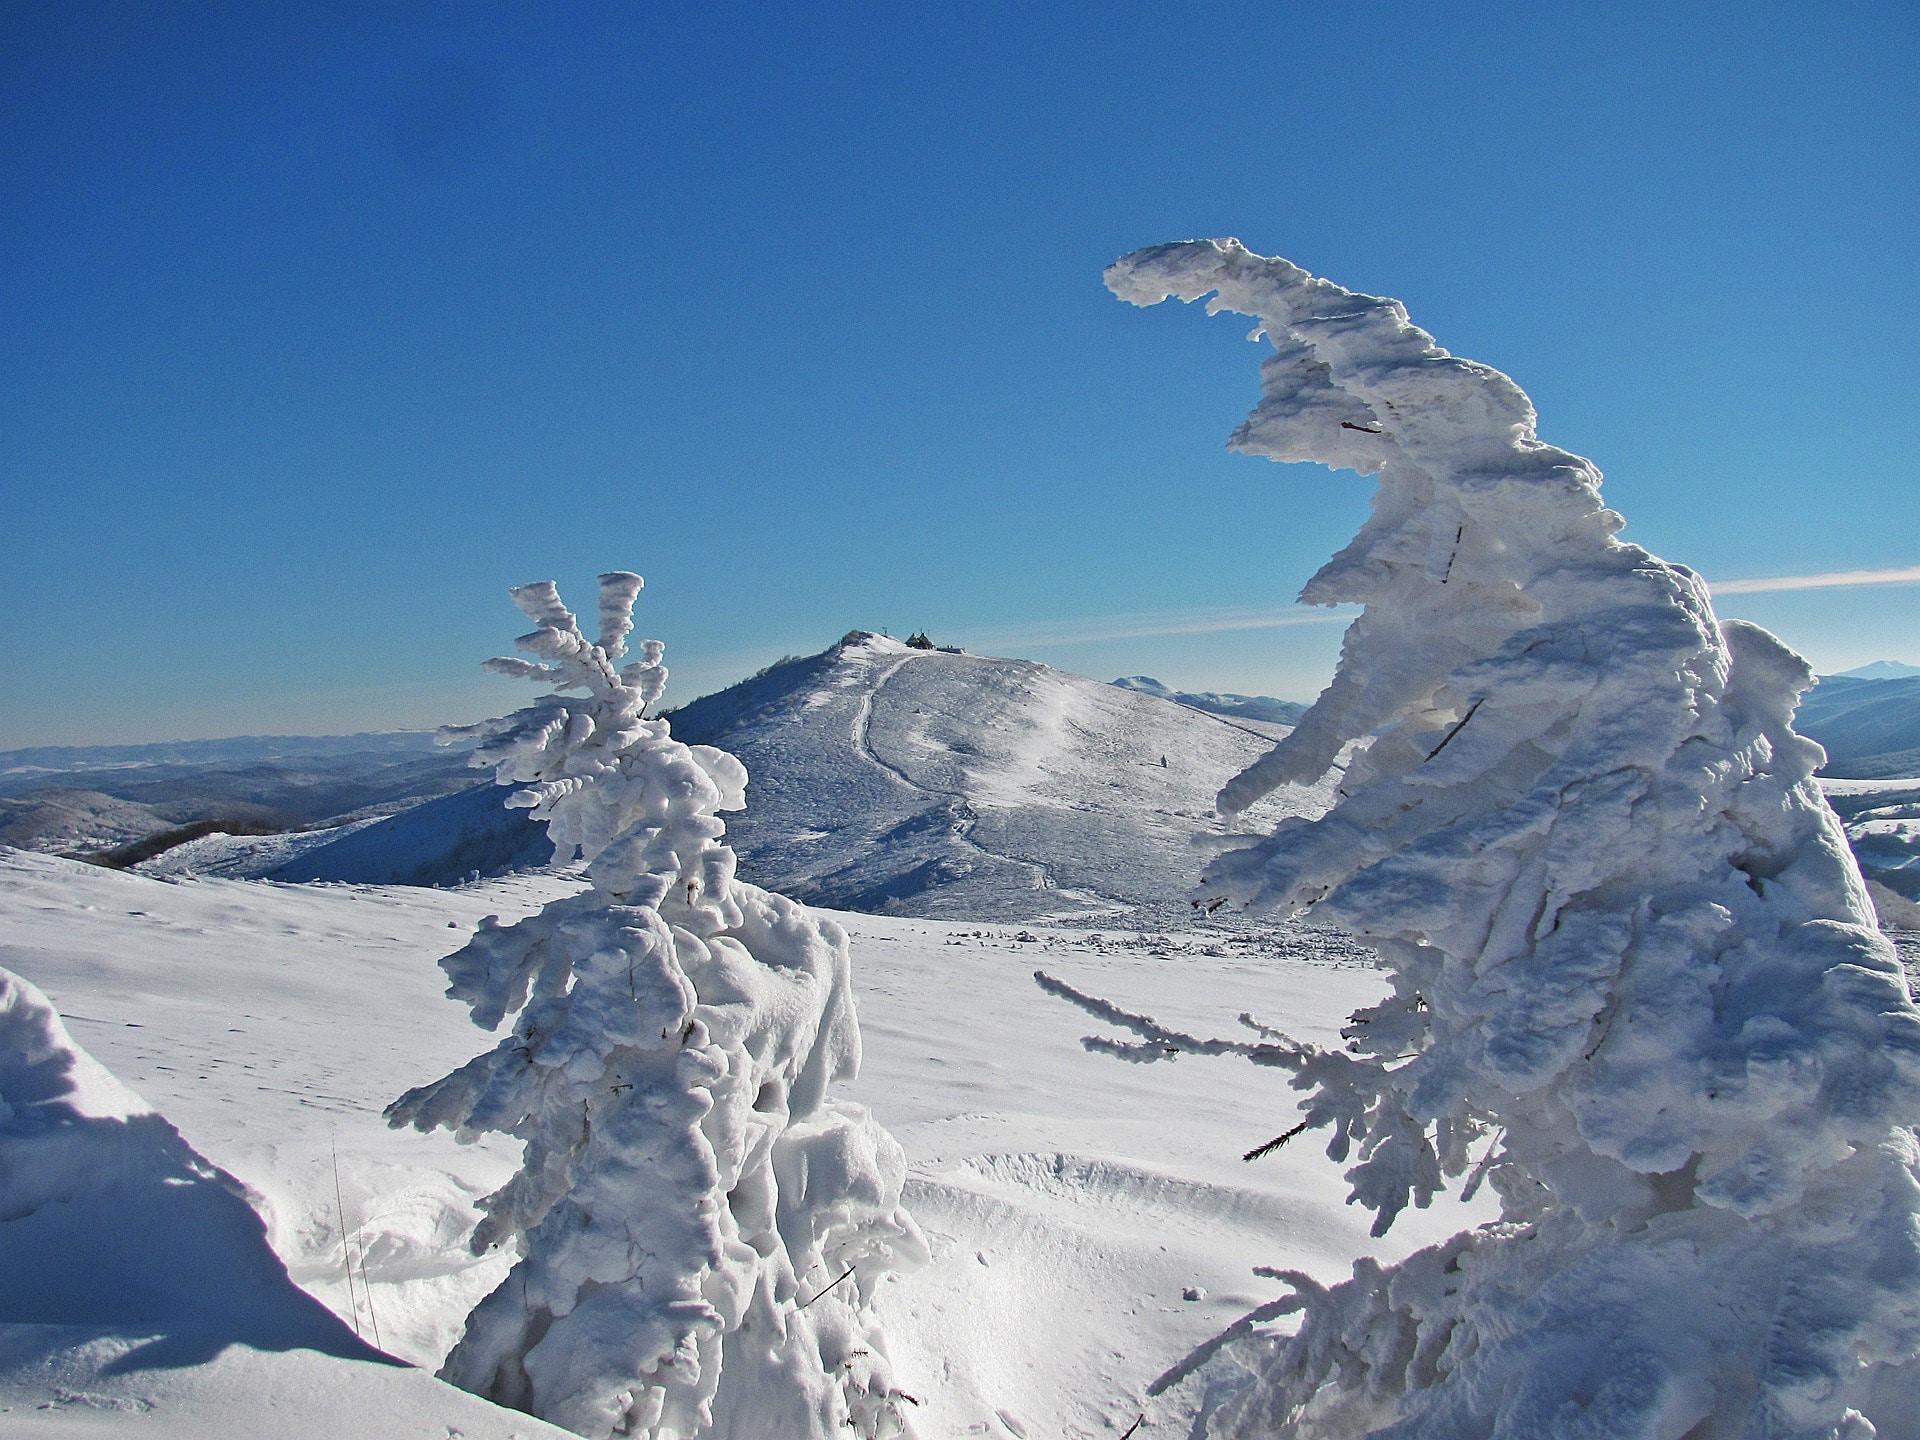 winter holidays in poland - bieszczady